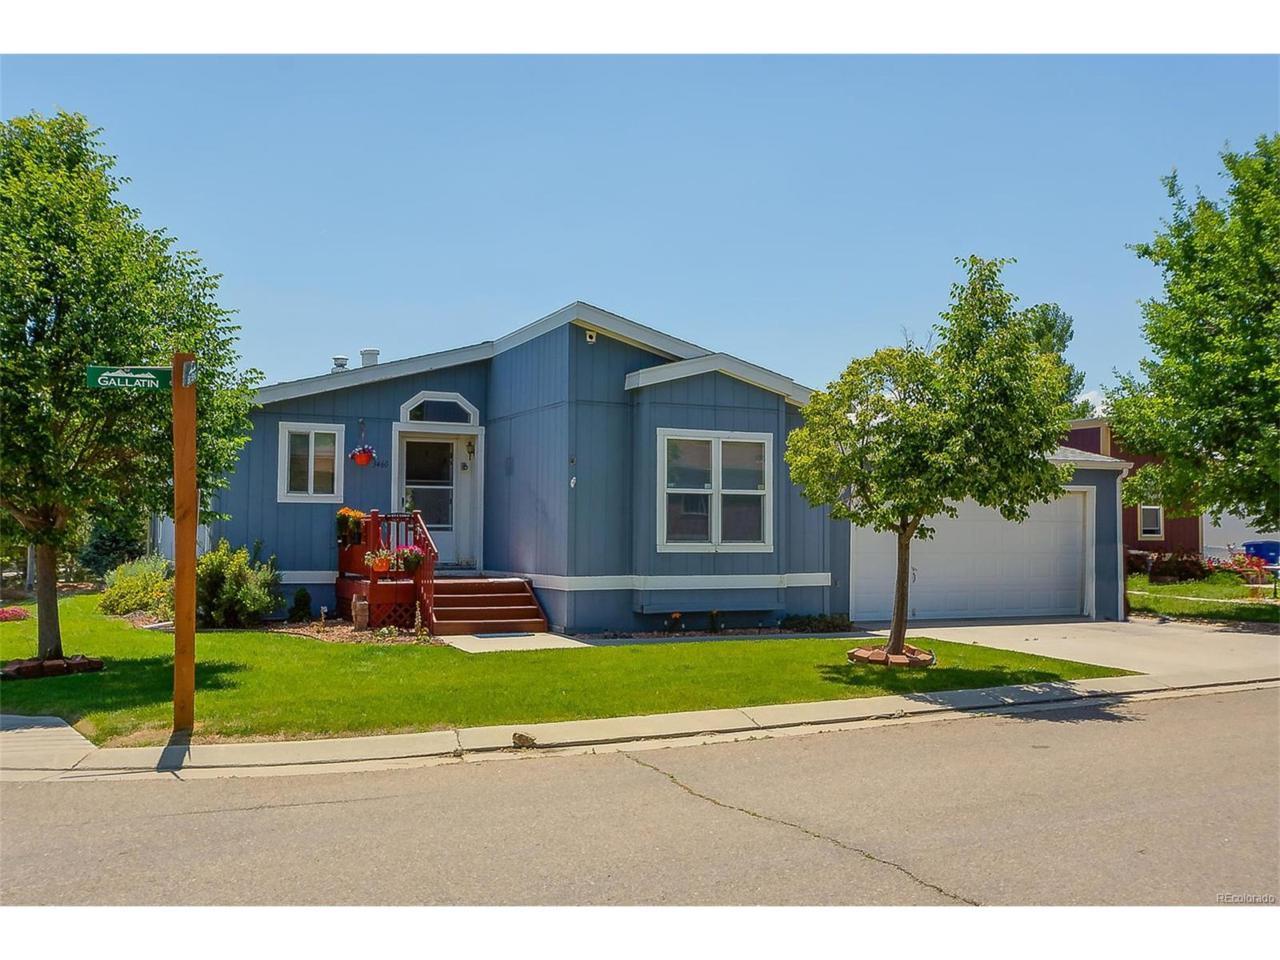 3460 Gallatin #209, Longmont, CO 80504 (MLS #8504401) :: 8z Real Estate